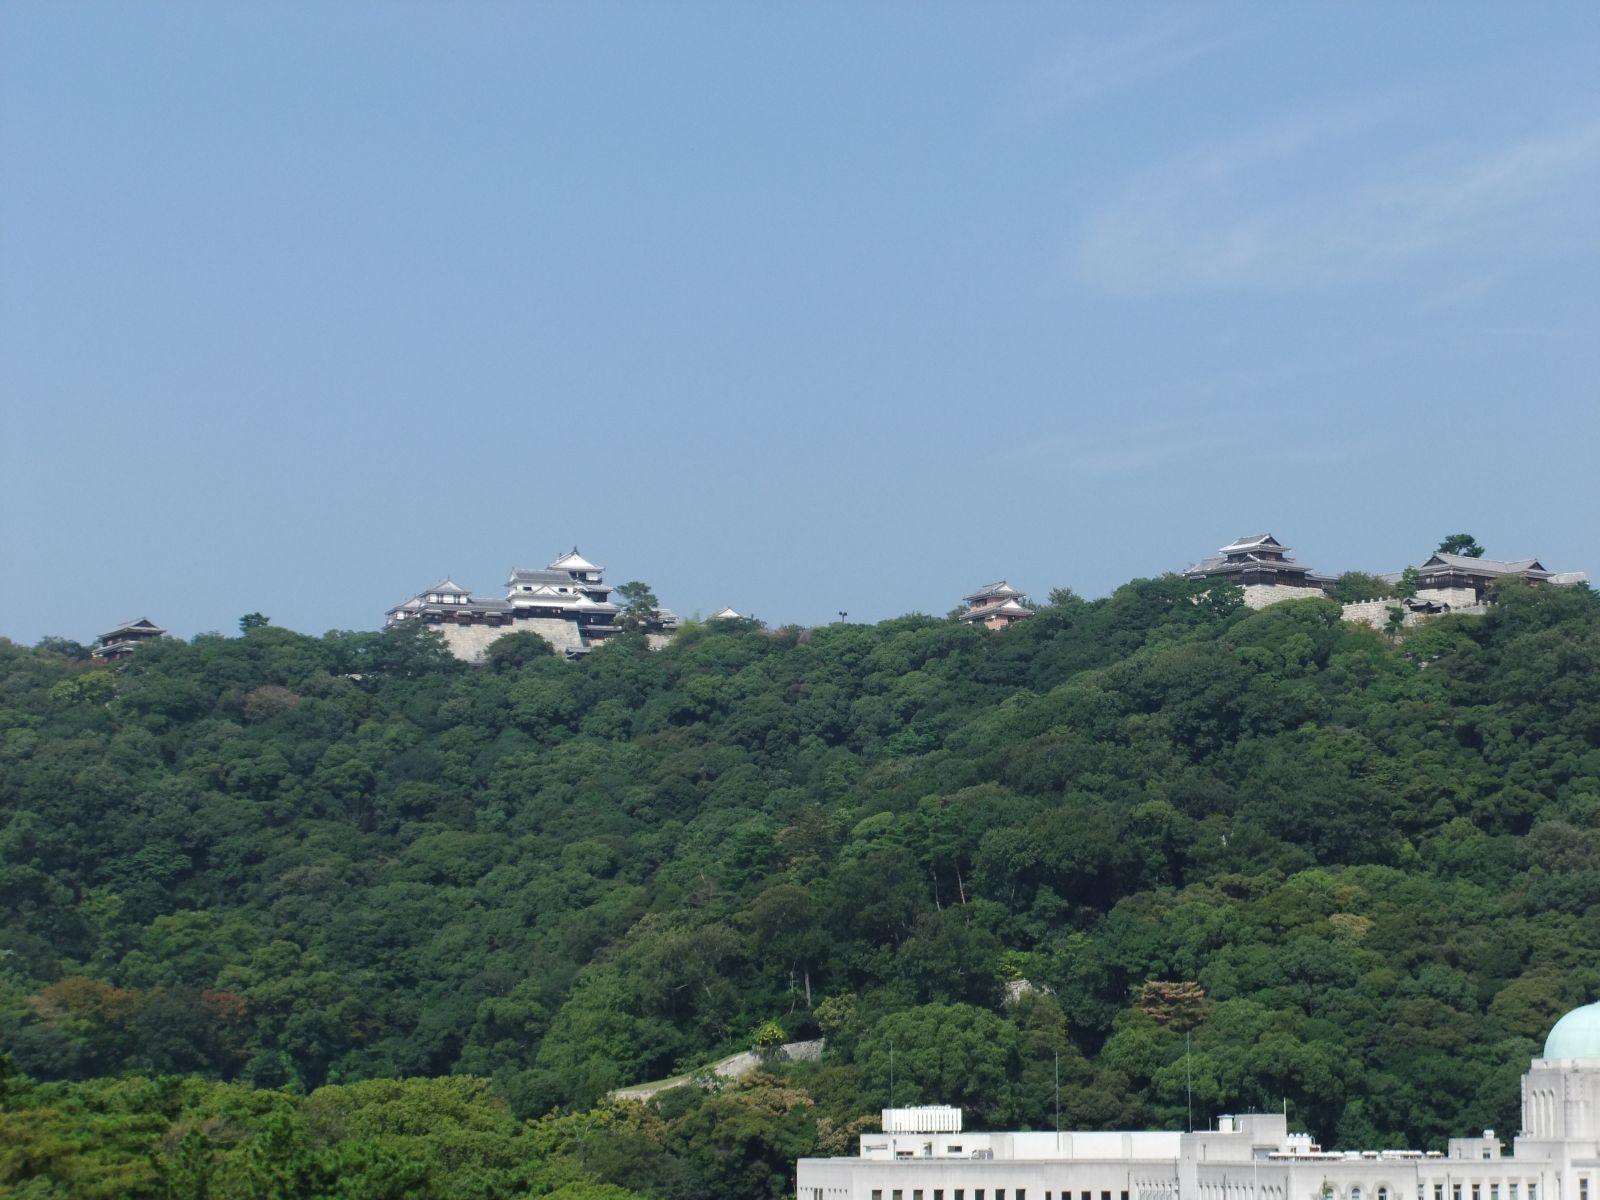 秋の松山城(野本記念病院屋上より)の写真です。クリックすると拡大します。